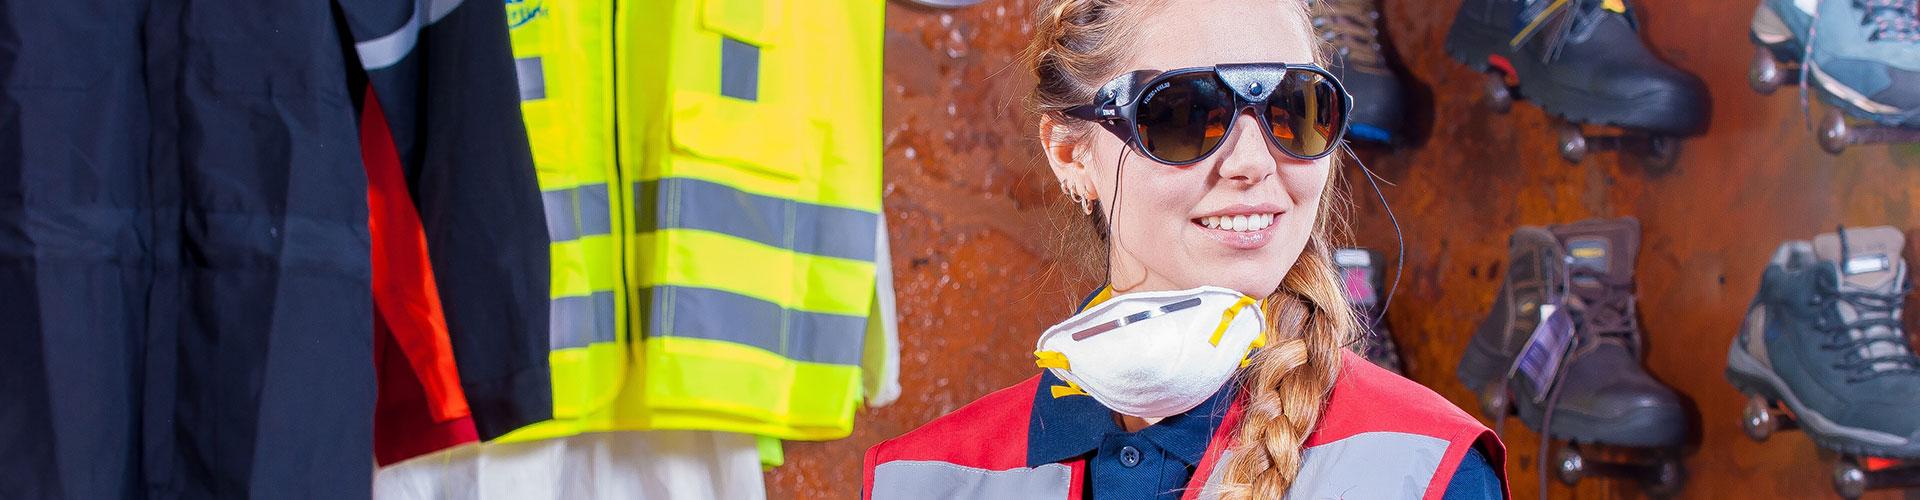 Corso per la sicurezza nei luoghi di lavoro – Formazione specifica RISCHIO ALTO (12 ore)